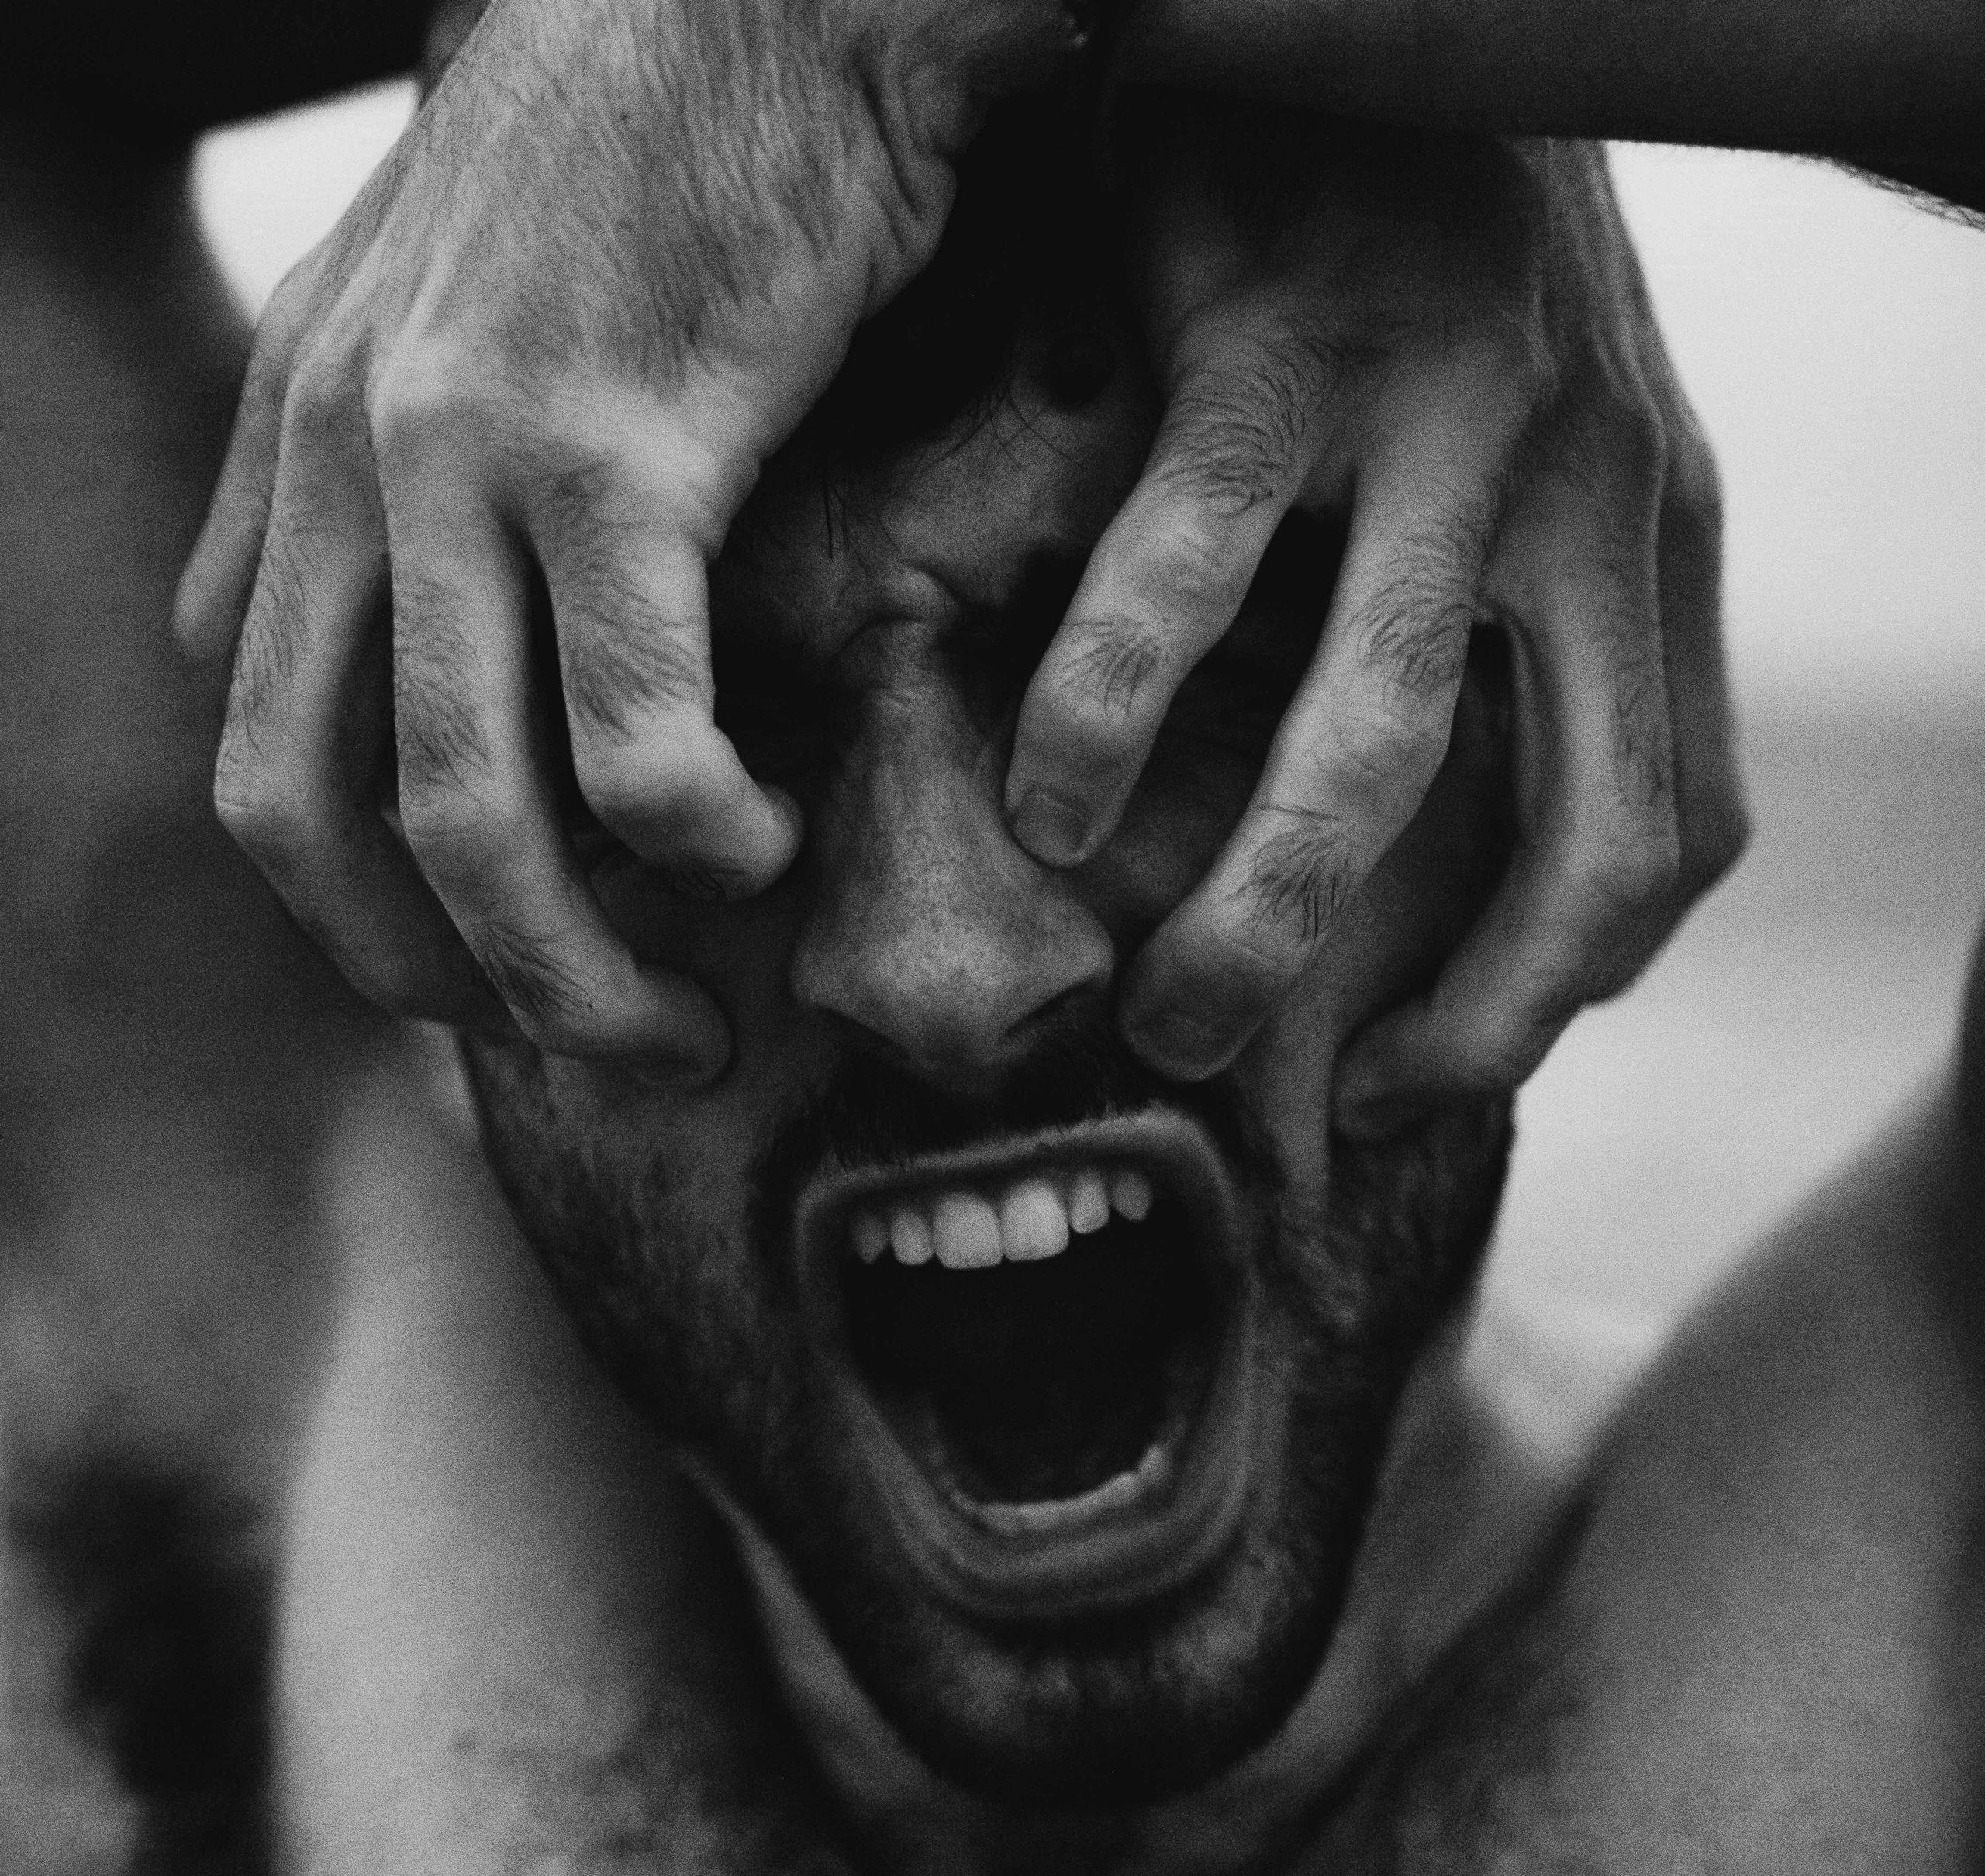 Estrategias para manejar el enojo con resultados positivos